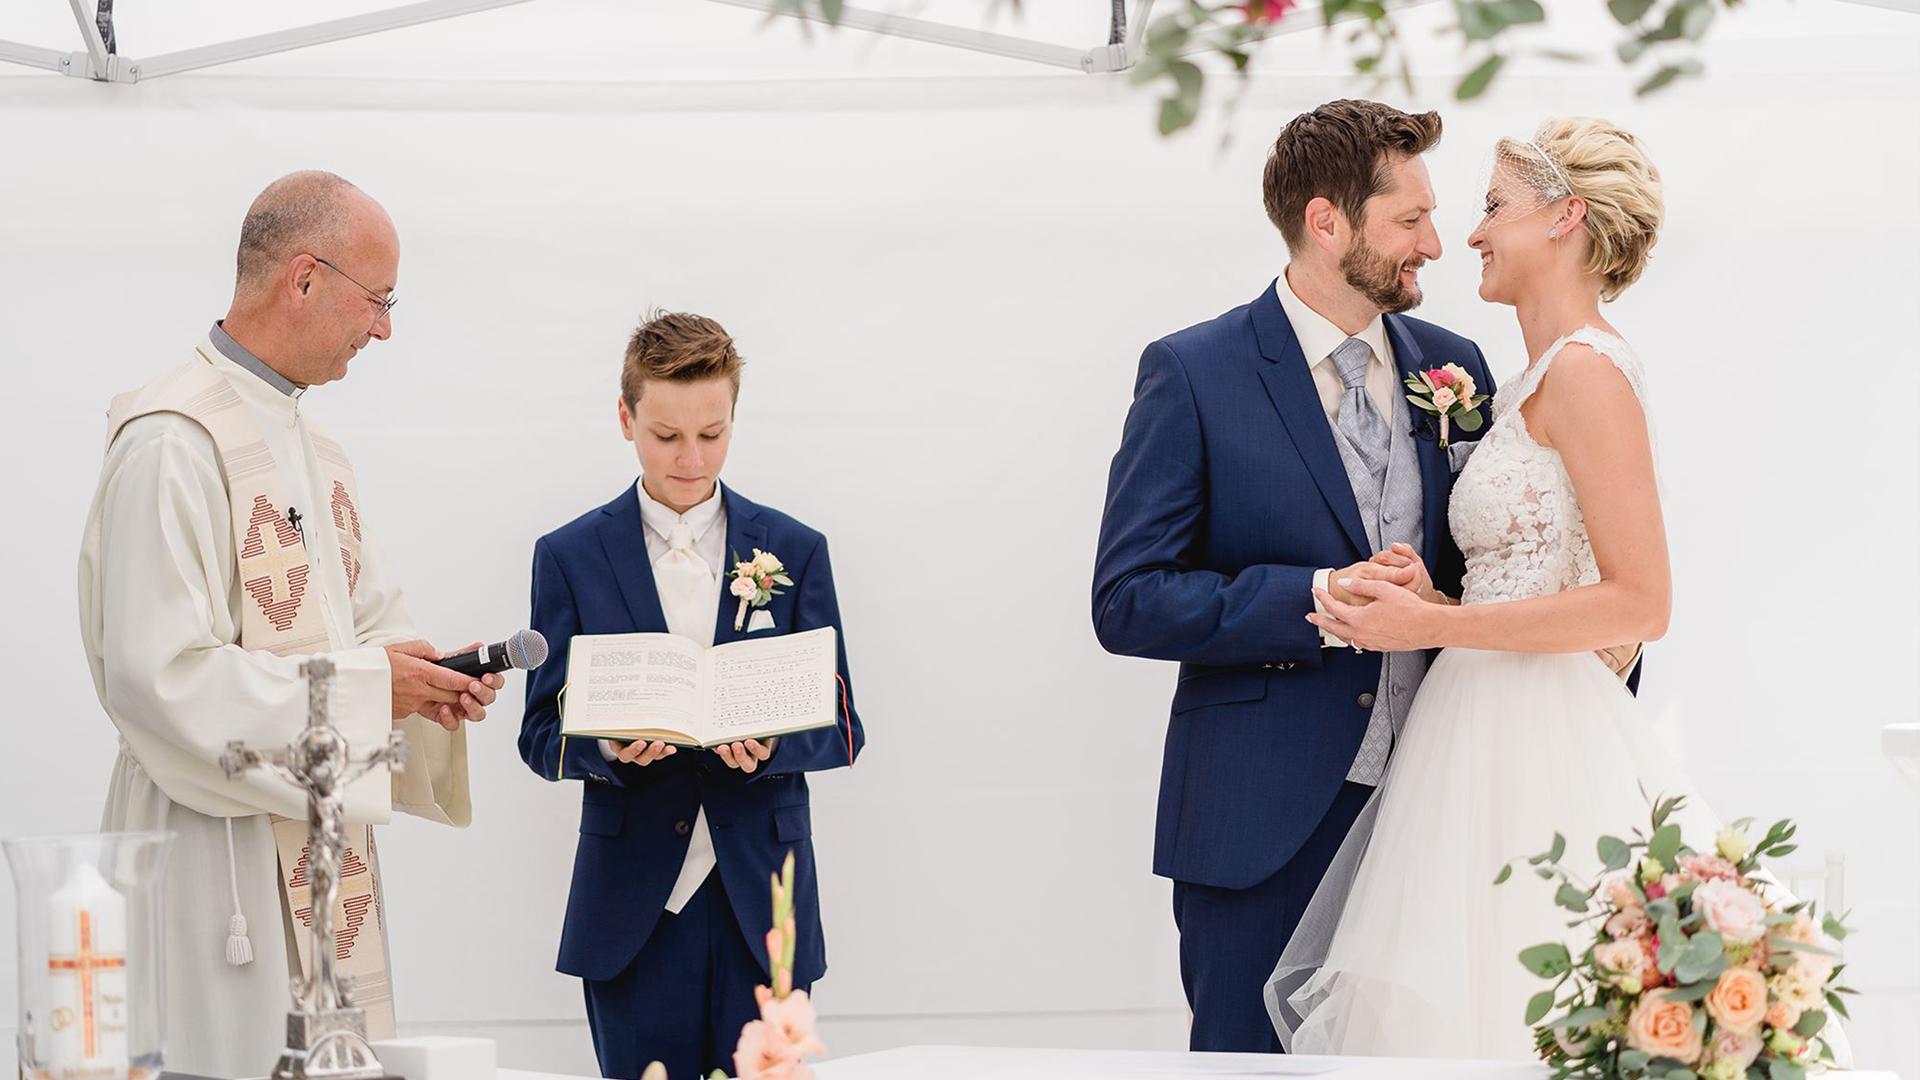 Exclusive Weddings - Ice-Wedding.at 2